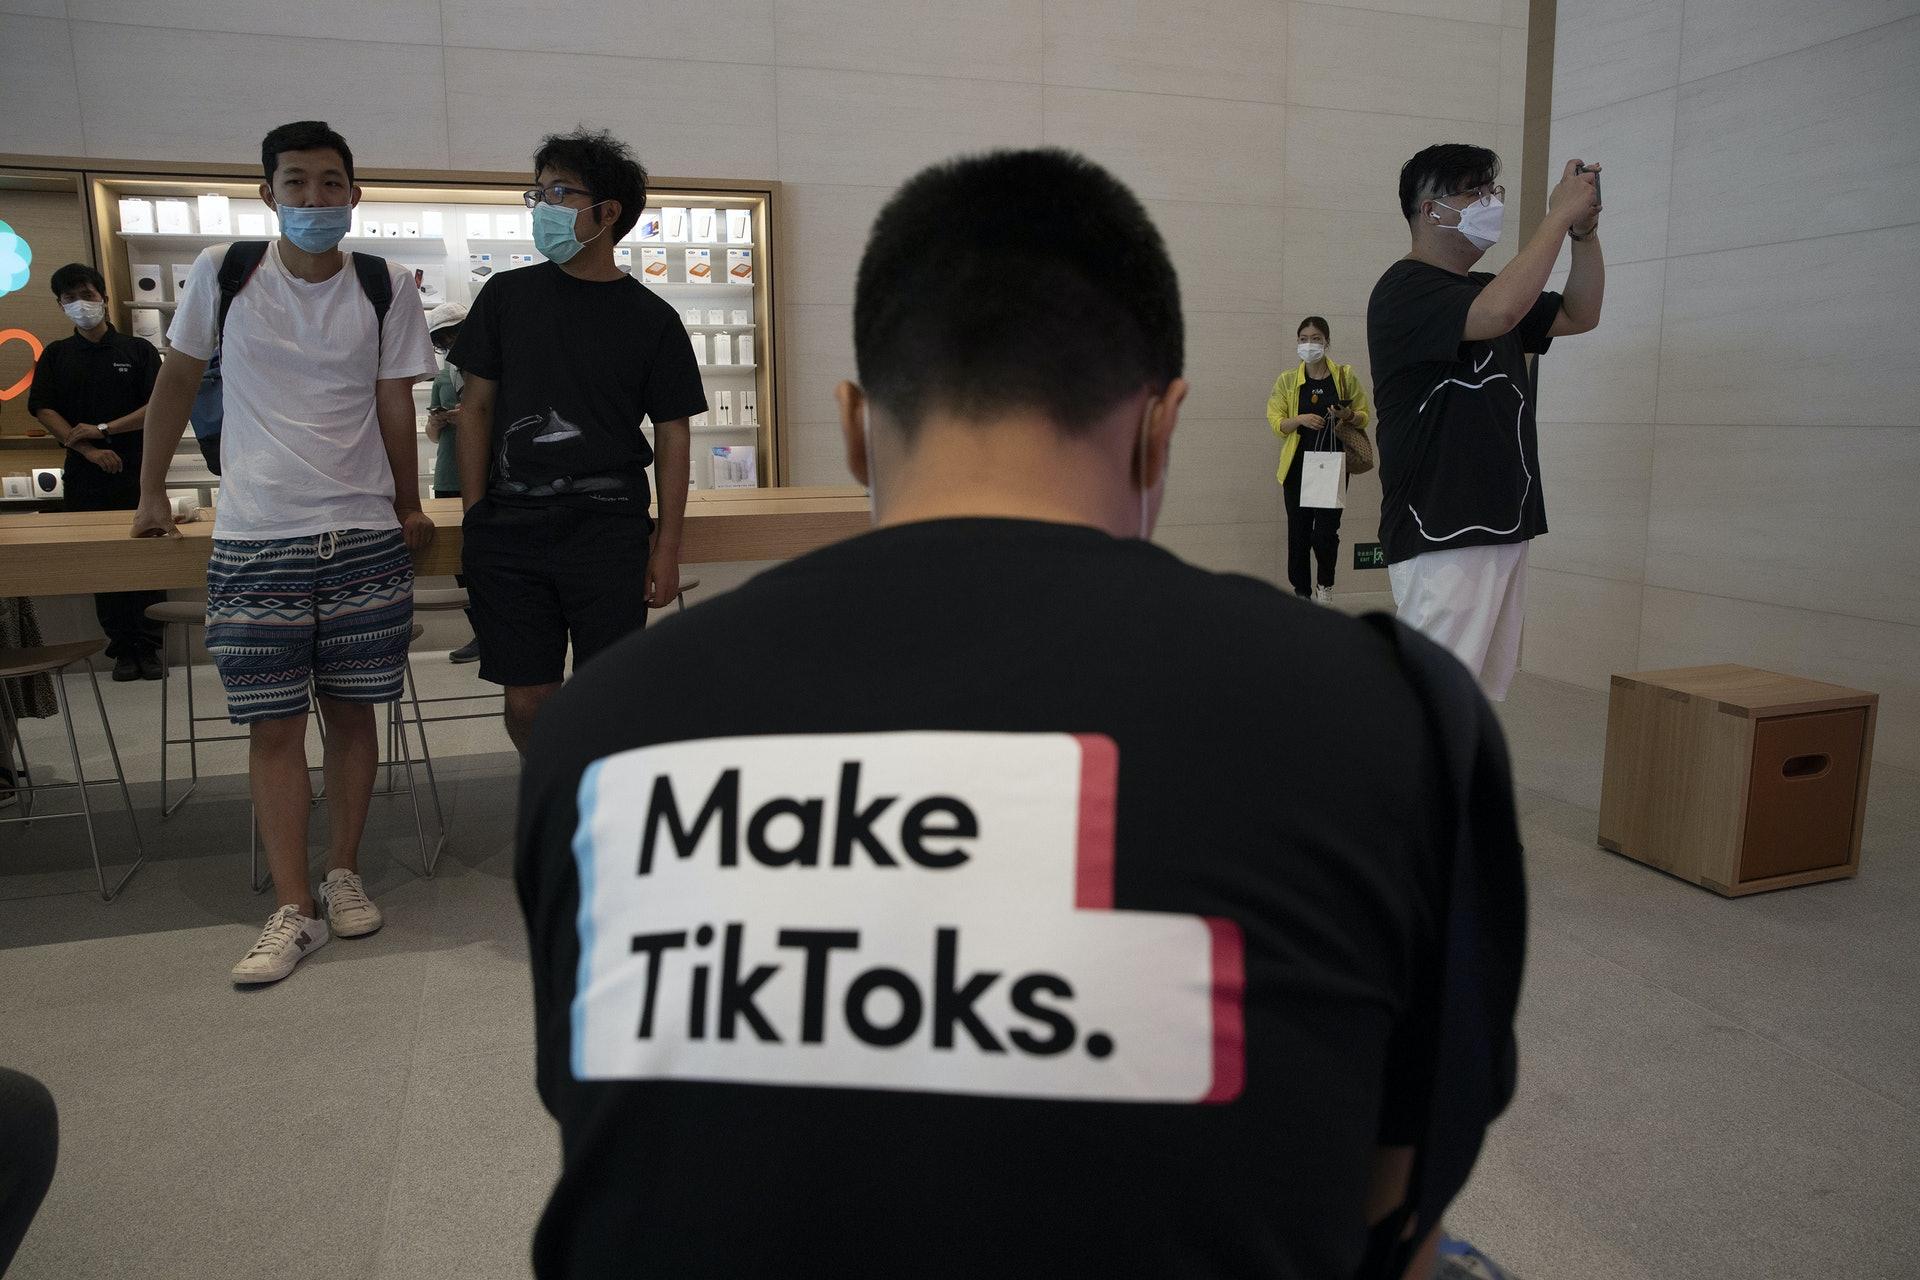 美国「封杀」TikTok:短片分享应用程式TikTok最近成为中美角力中备受冲击的对象。 2019年美国已就其母公司字节跳动收购美国社交应用程式Muscial.ly对国家安全影响进行检视。 图为7月17日一名男子穿上宣传TikTok字句的汗衫,坐在位于北京的苹果公司门市内。